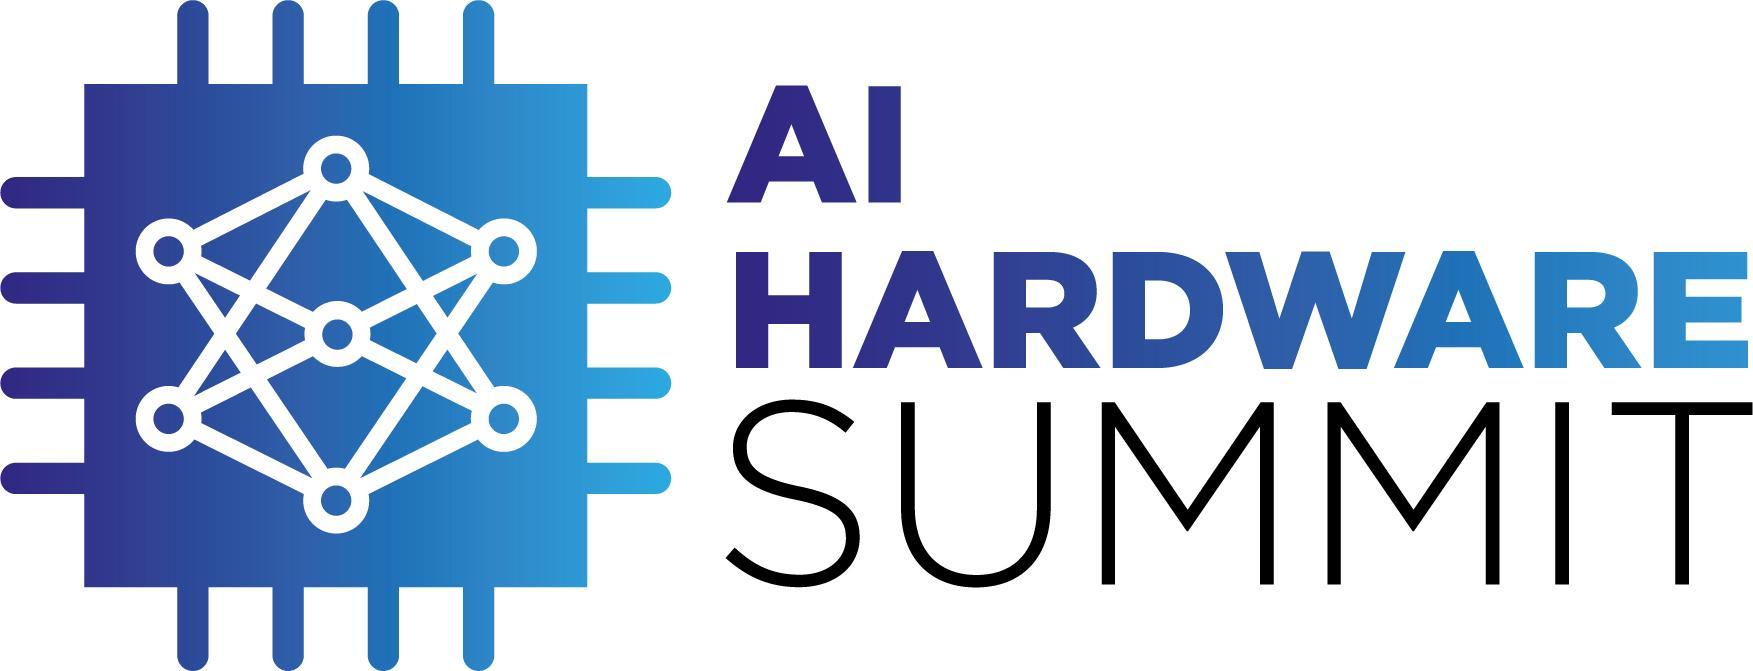 AI Hardware Summit 2018